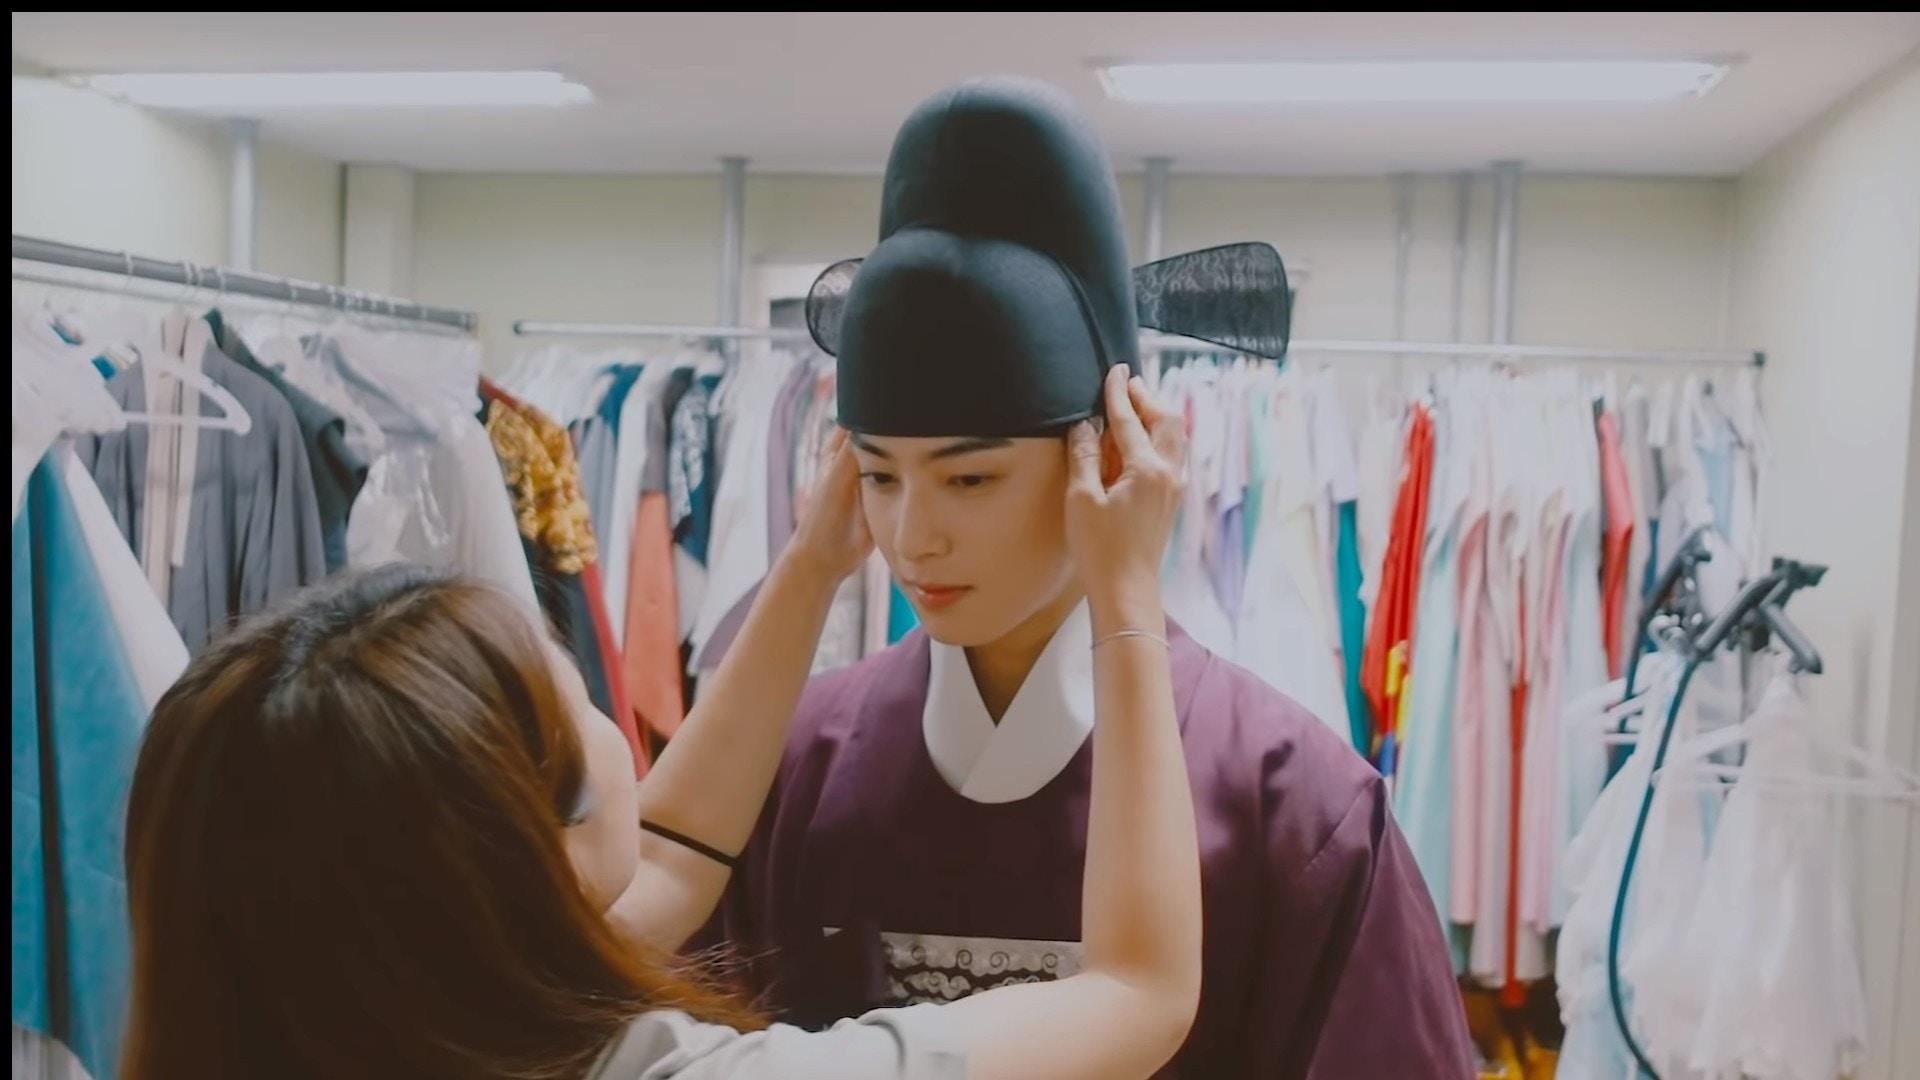 韩国「脸蛋天才」车银优卸妆片段公开,网友惊呼:根本不需要化妆啊!插图1